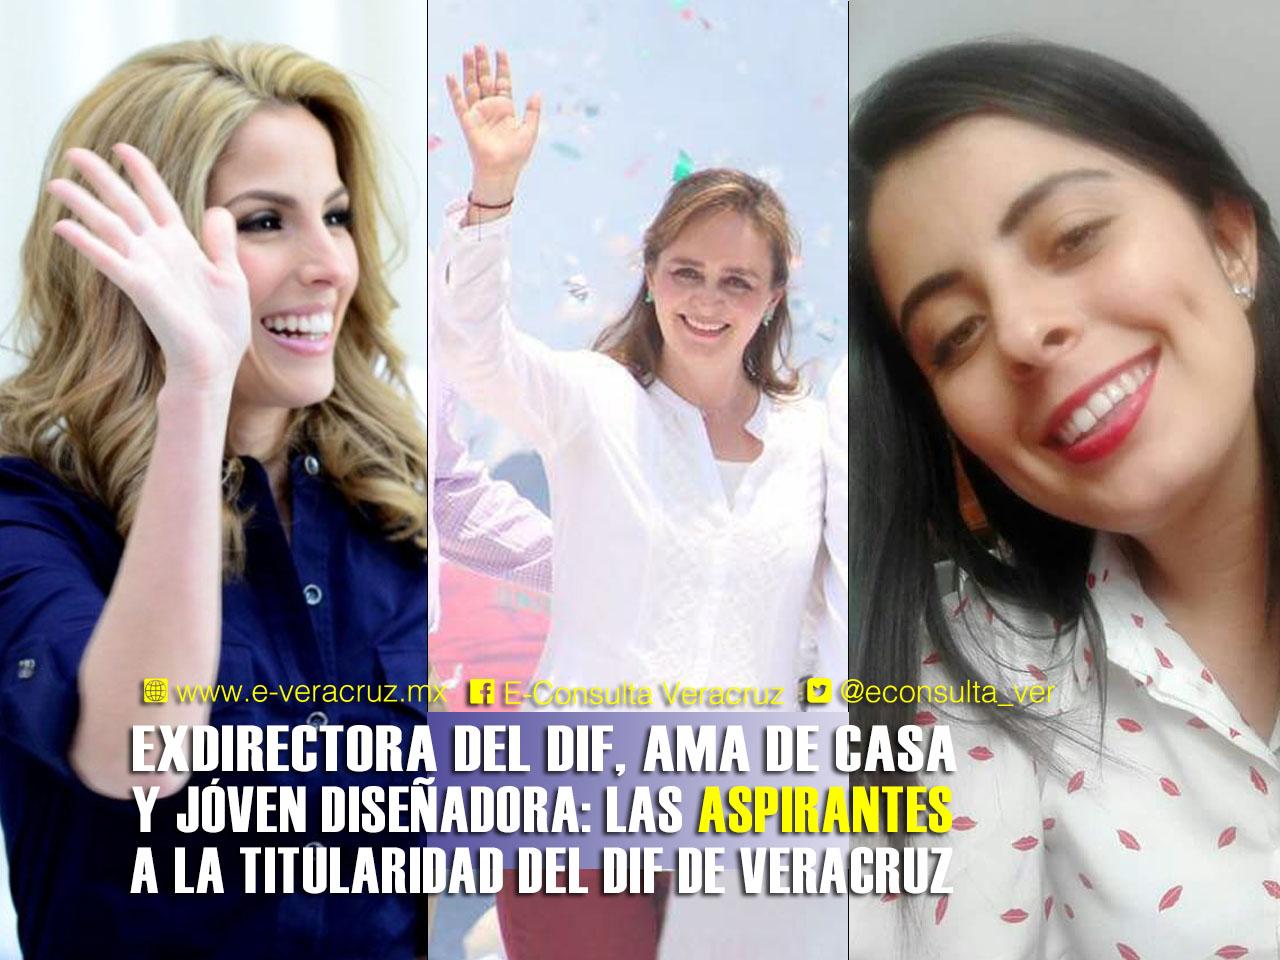 ¿Quiénes se perfilan a primera dama de Veracruz?